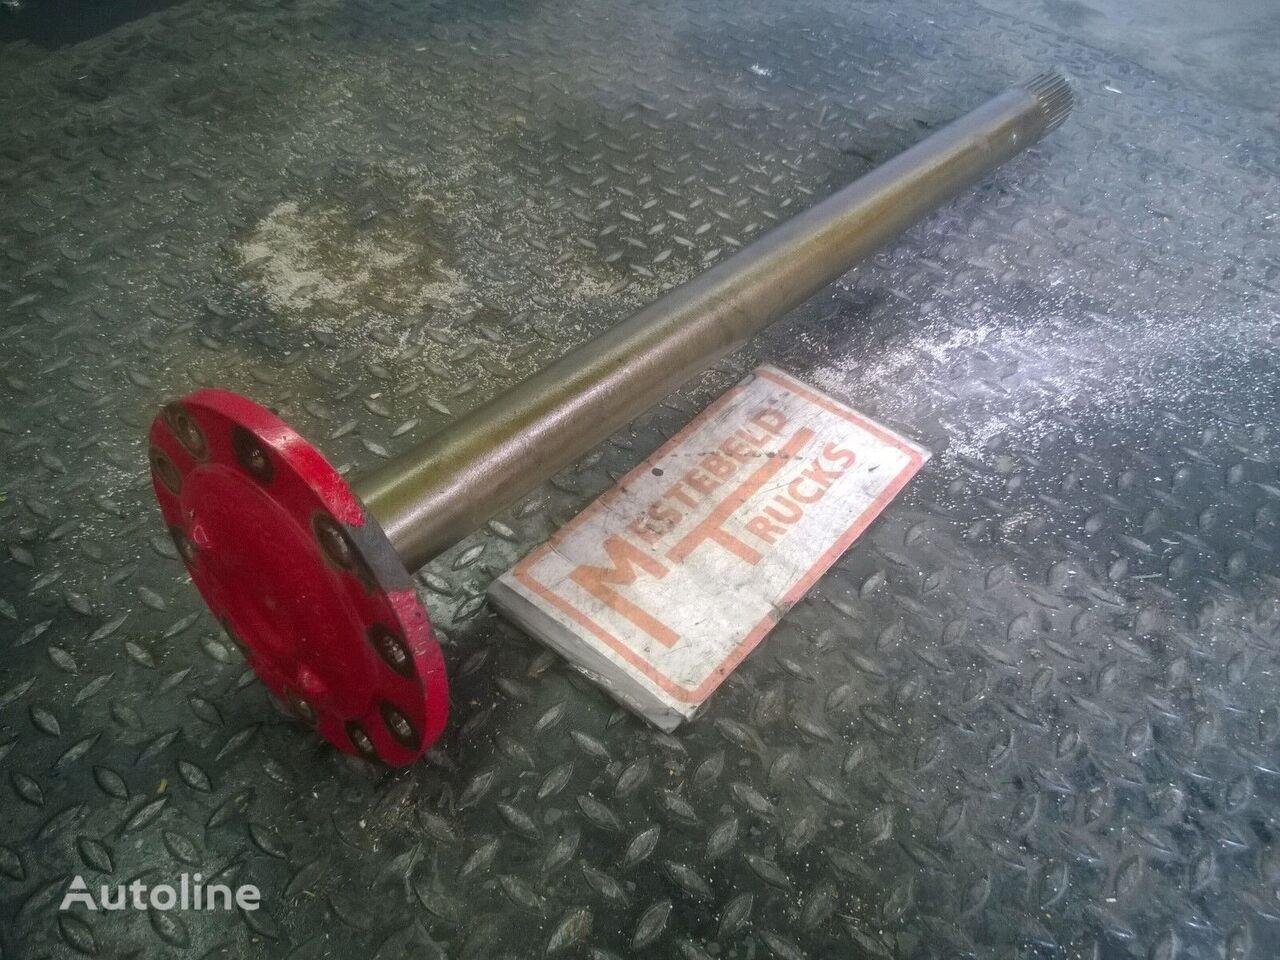 полуось  Steekas zonder sper HYD-1370-04 для грузовика MAN Steekas zonder sper HYD-1370-04